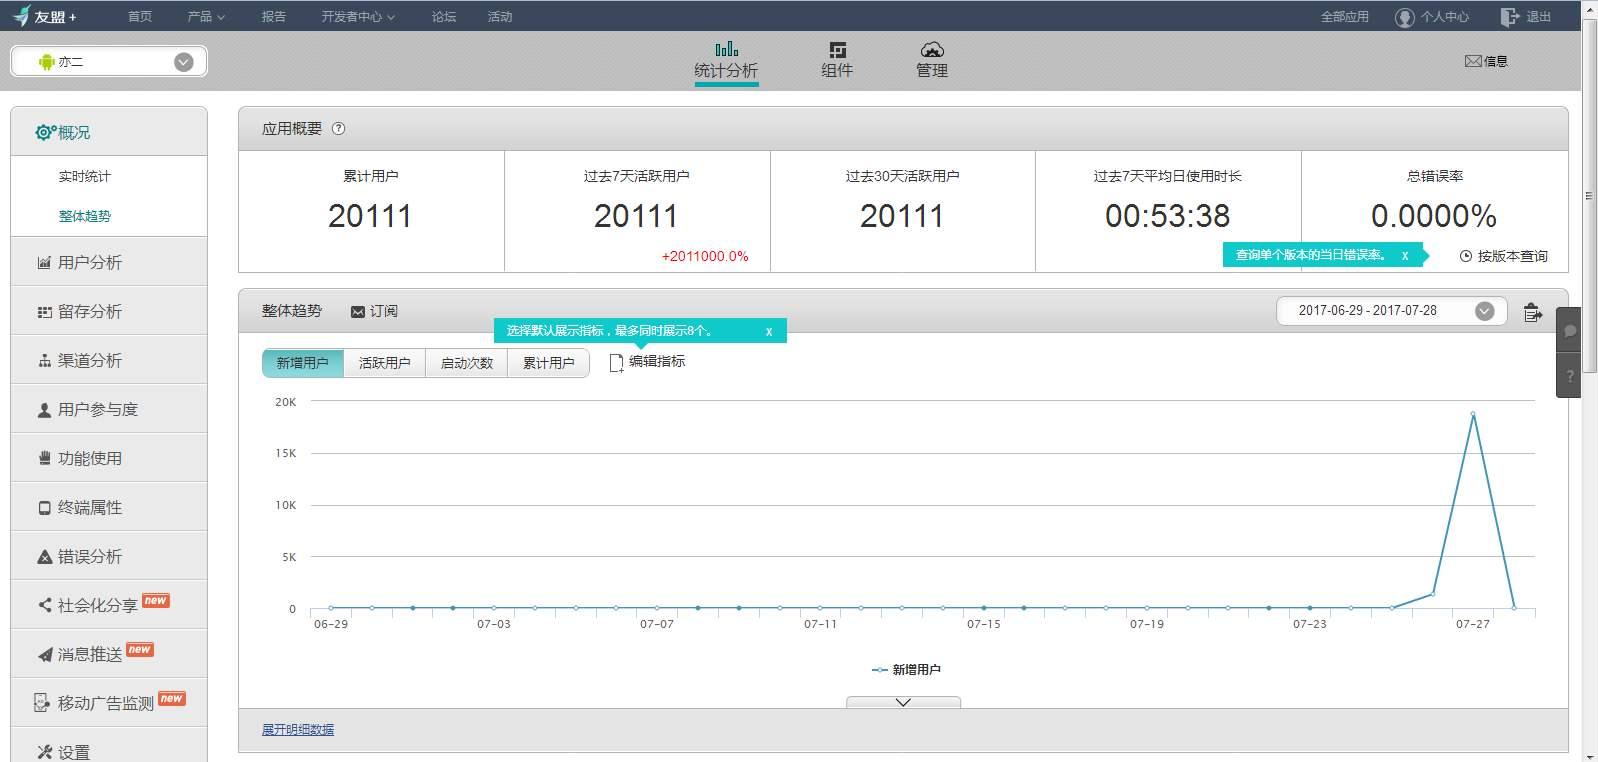 APP渠道推广统计:应用市场分析和多渠道统计方法